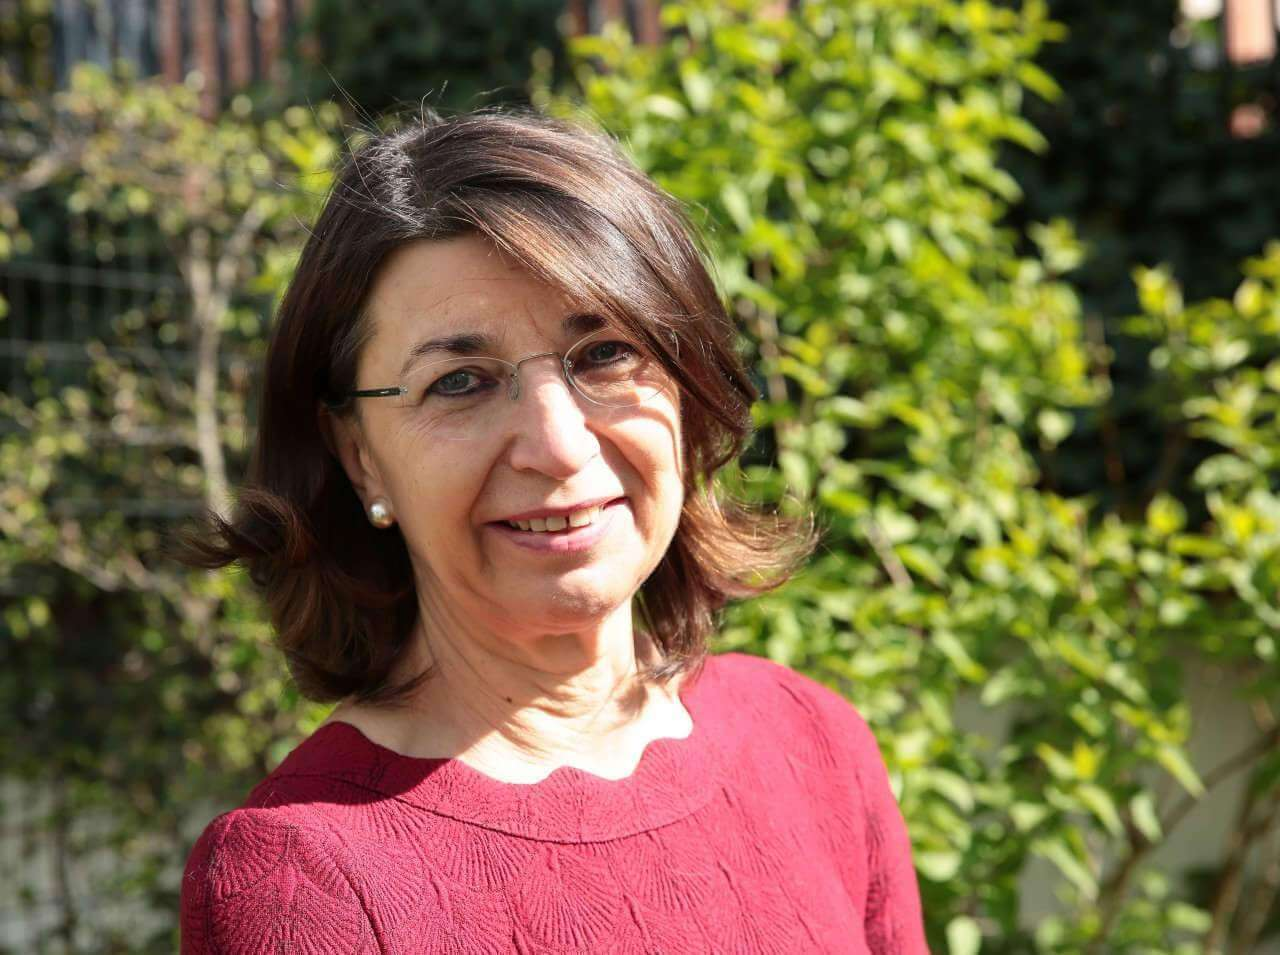 L'Université de Lorraine met à l'honneur 3 Docteurs Honoris Causa 2019